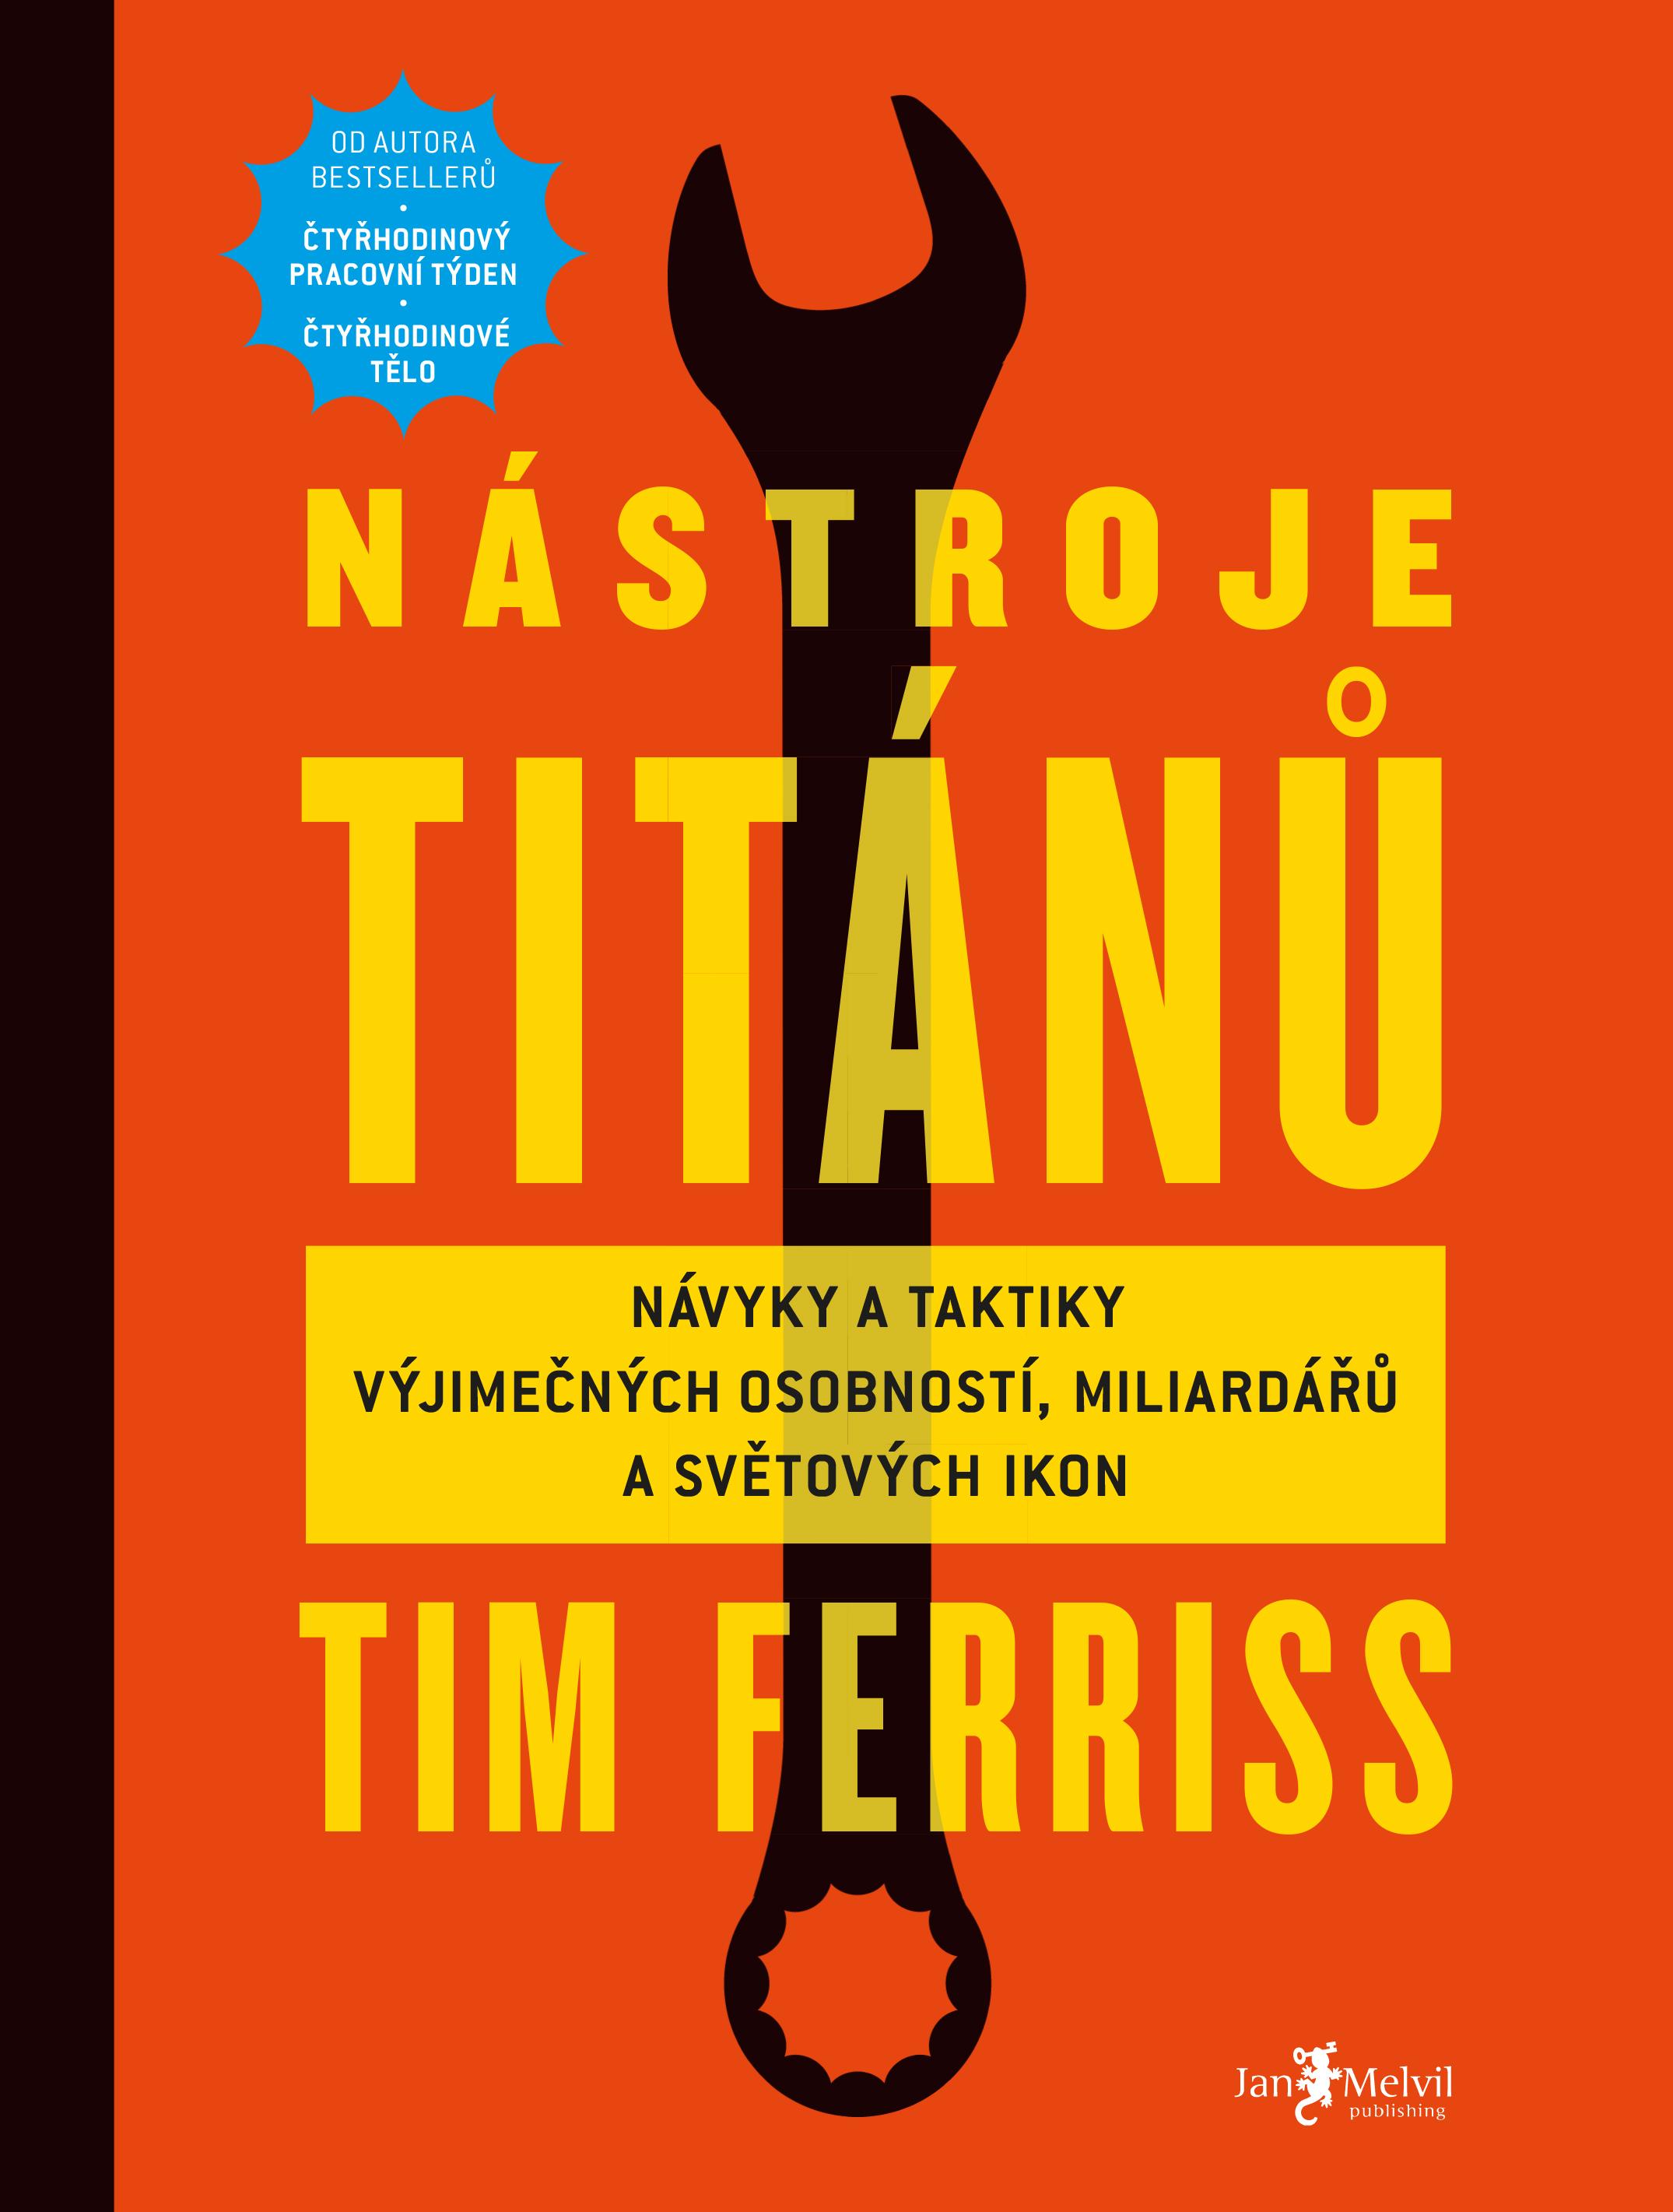 Nástroje titánů - Návyky a taktiky výjimečných osobností, miliardářů a světových ikon